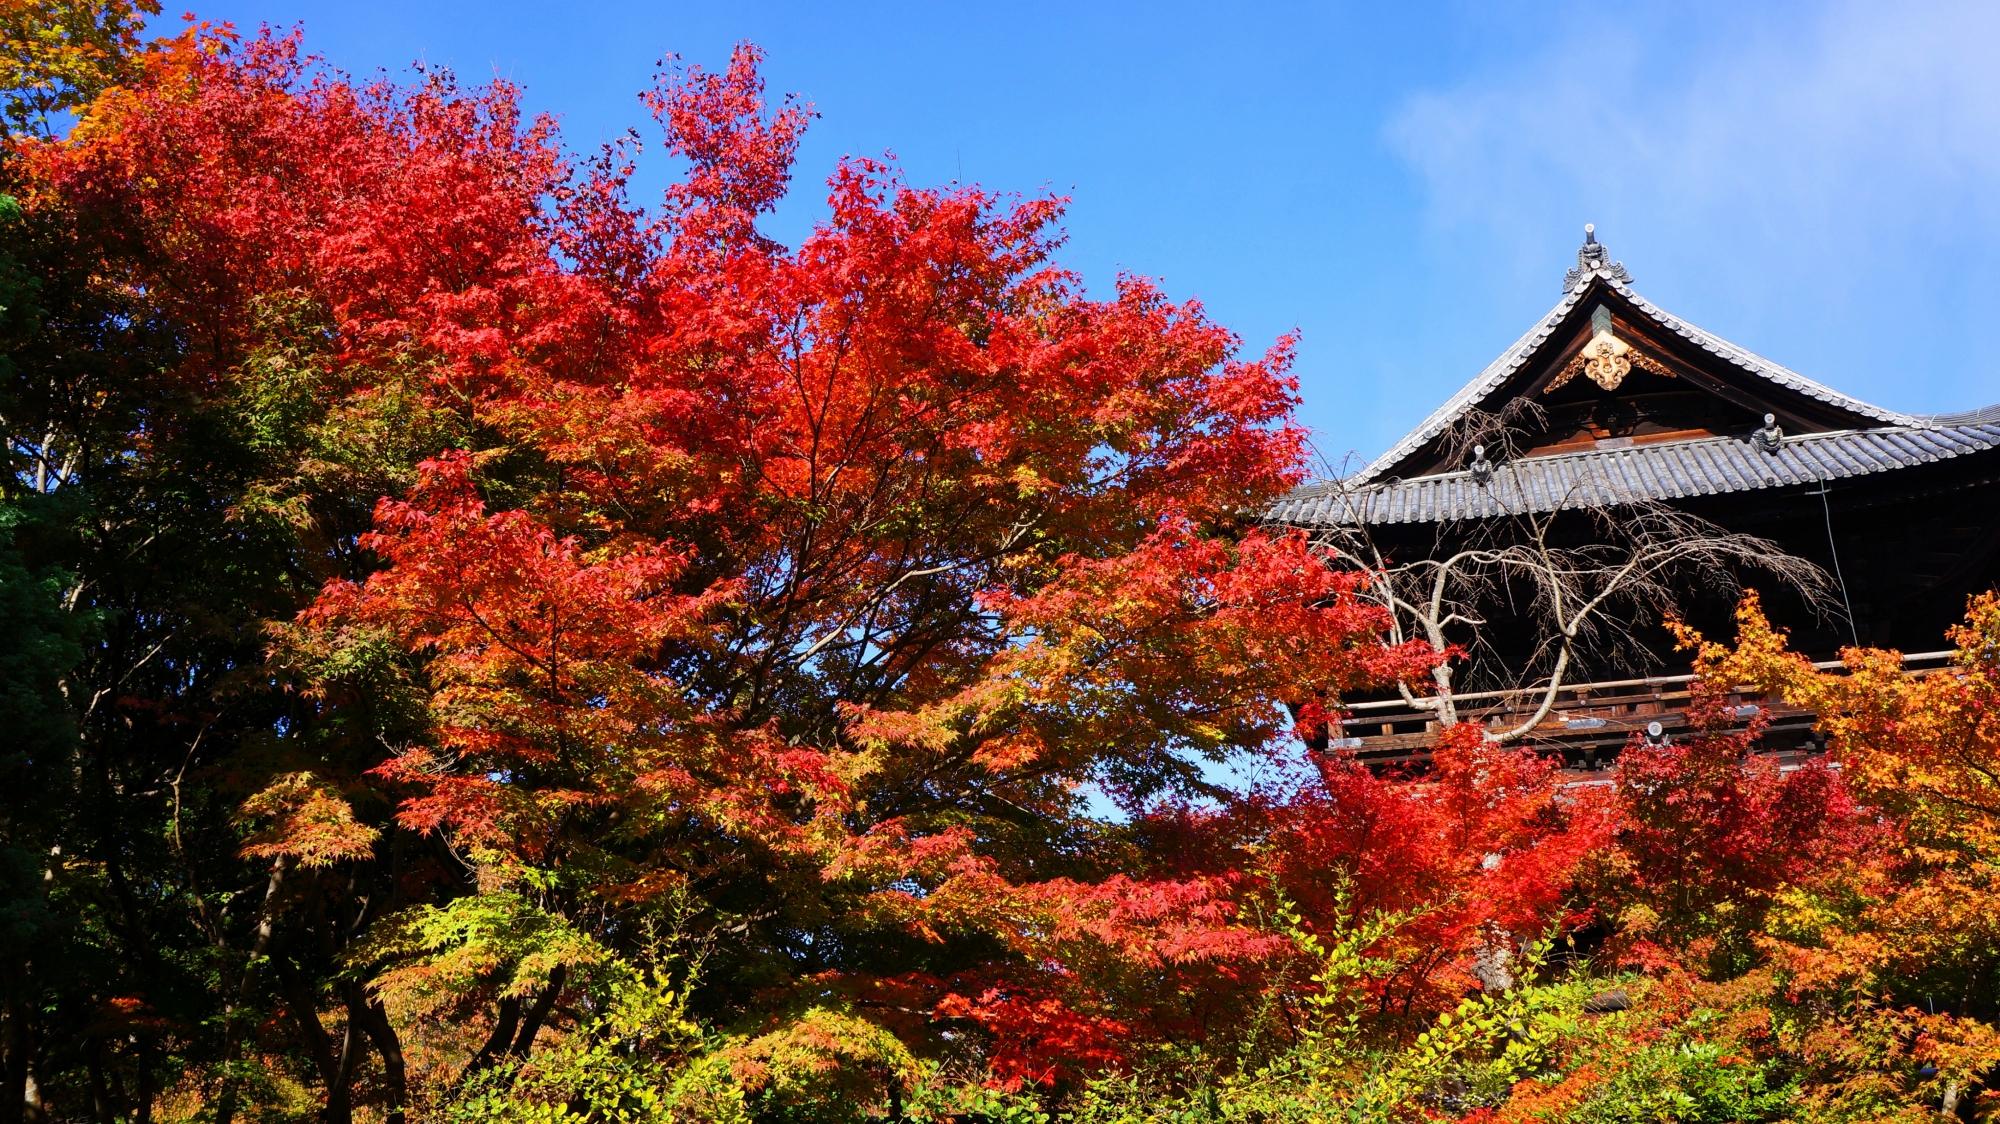 青空と巨大な三門を彩る鮮やかな赤い紅葉